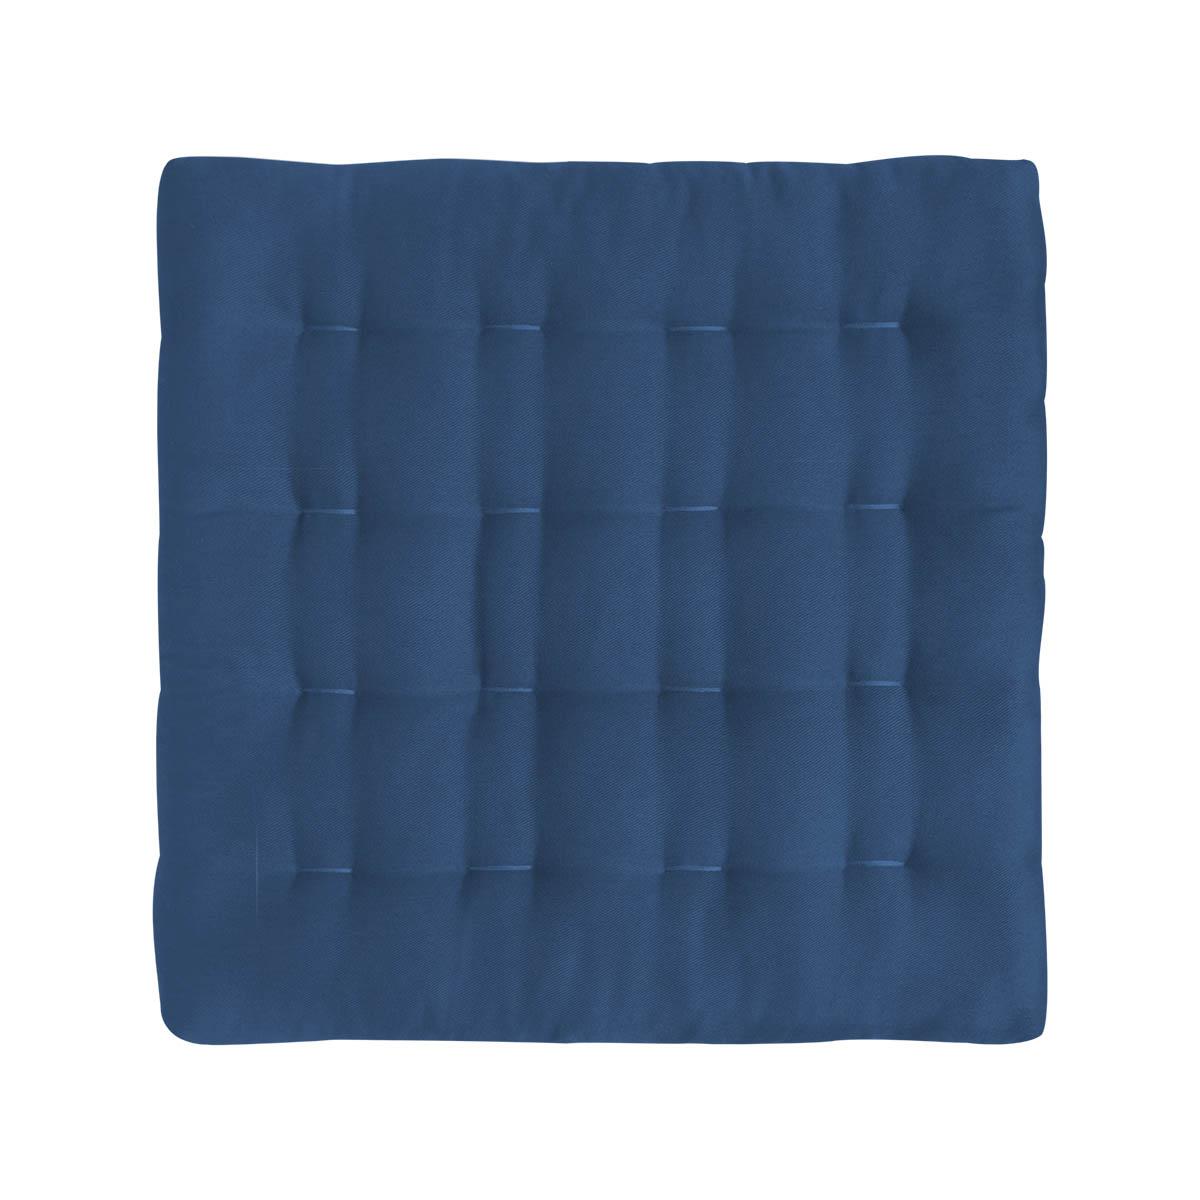 almofada almofada futon para cadeira 05.jpg #253953 1200x1200